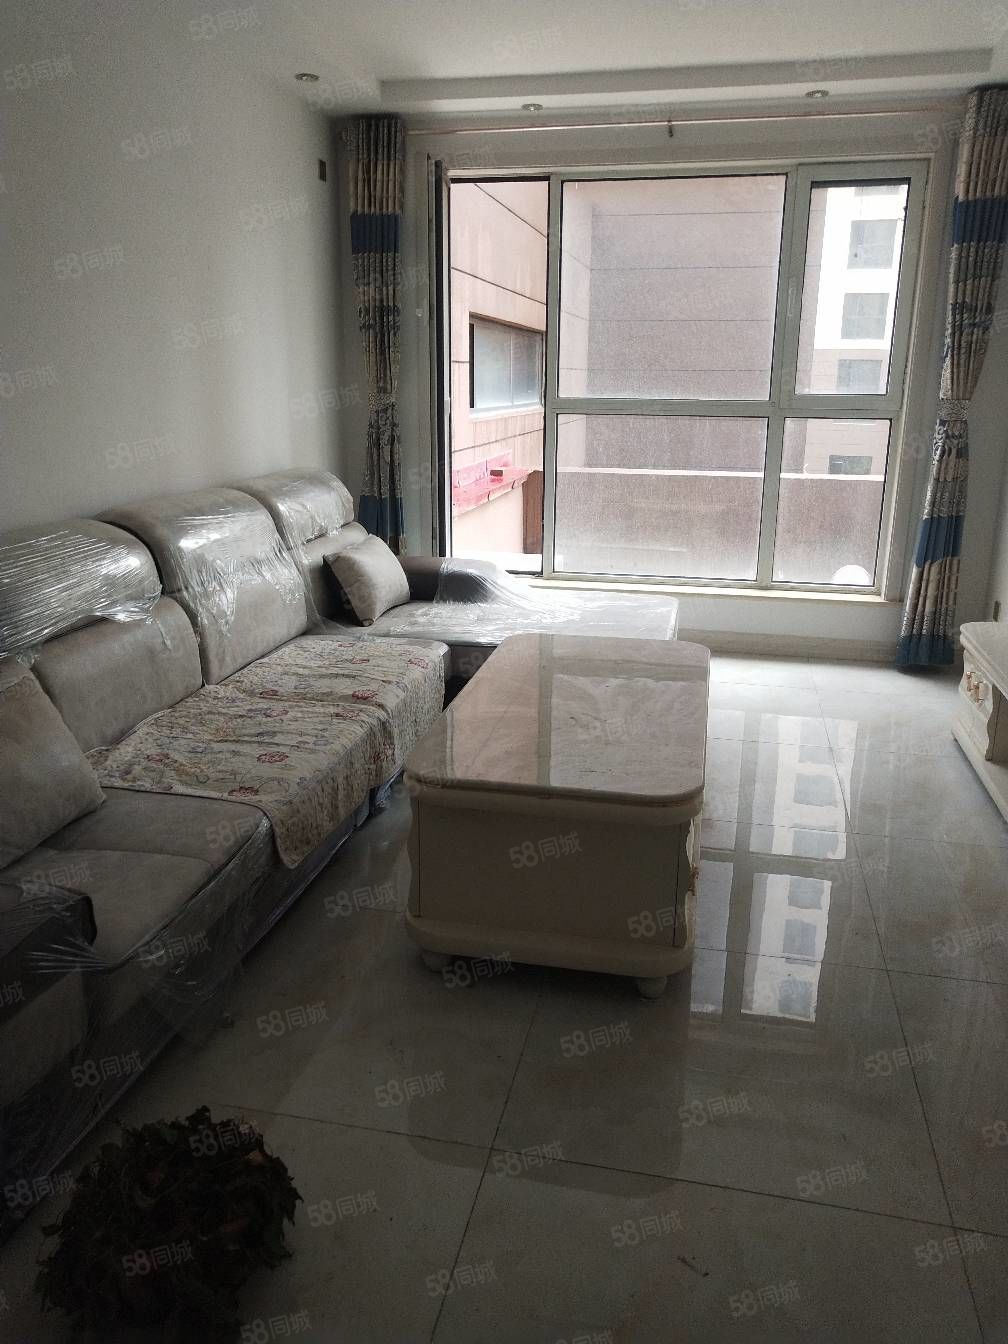 禧福荷堂a区商品房首次出租2室精装修2楼2000元